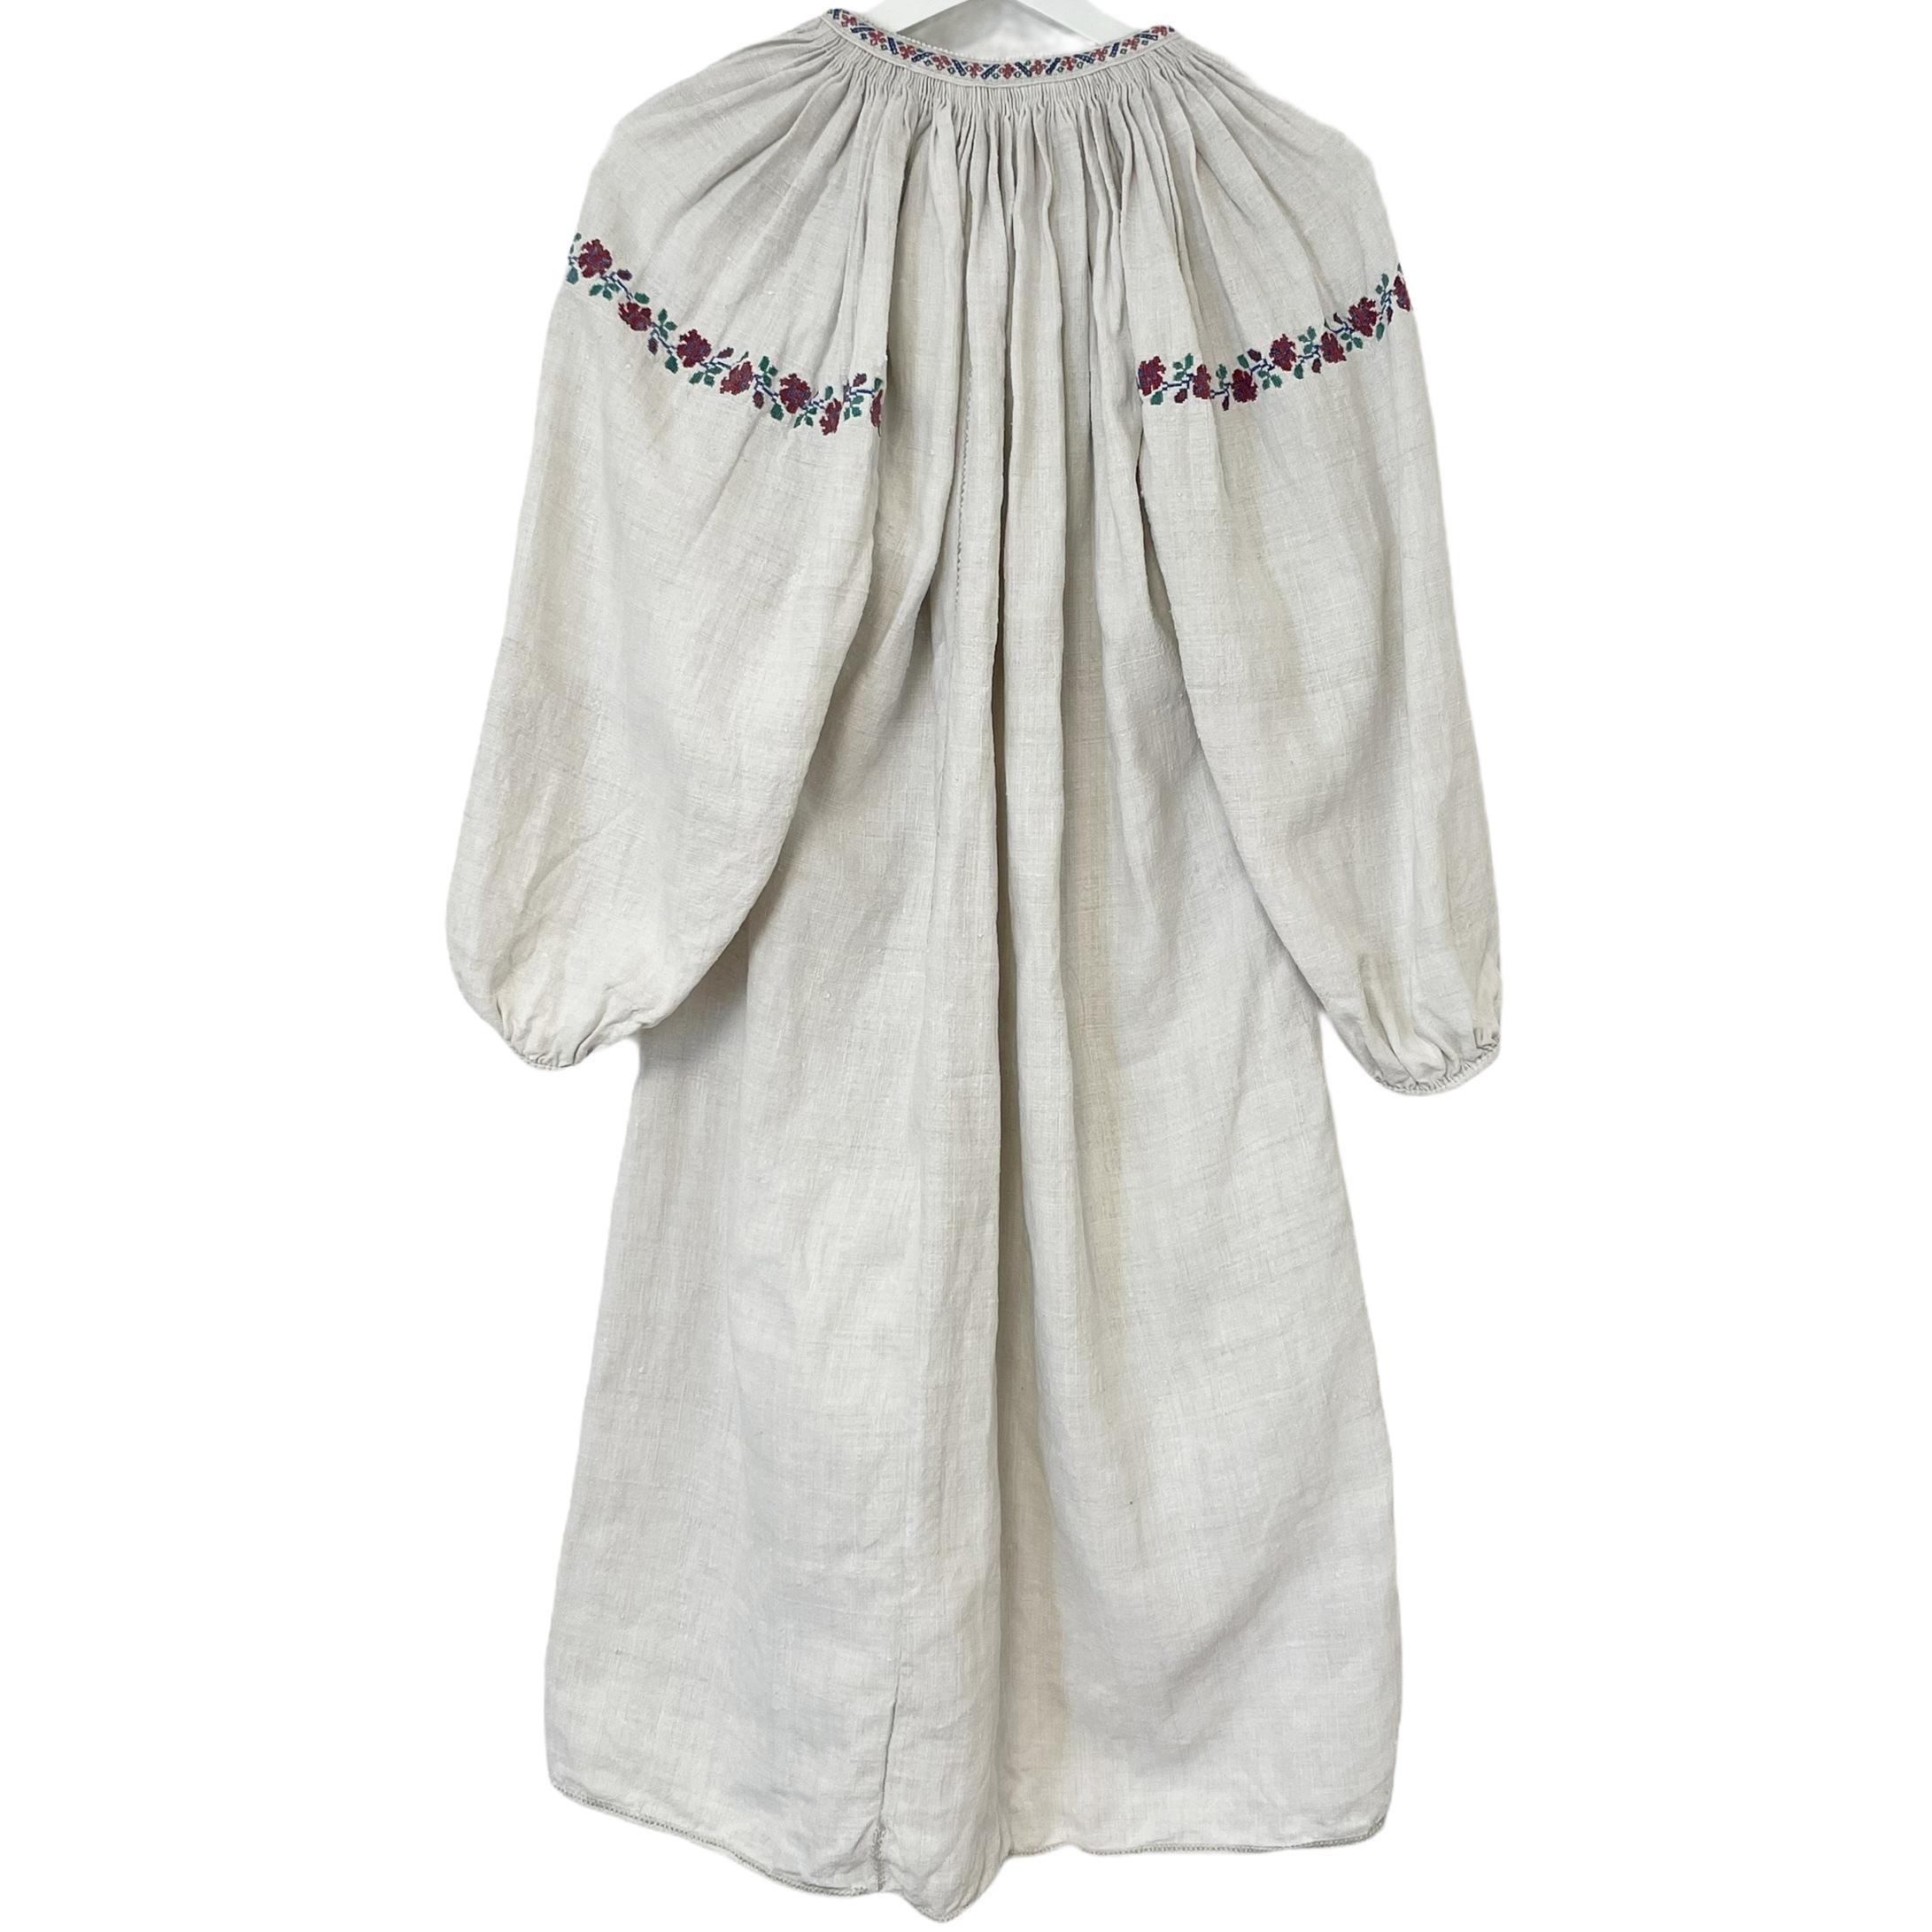 6 Ukrainian Embroidered Linen Dress